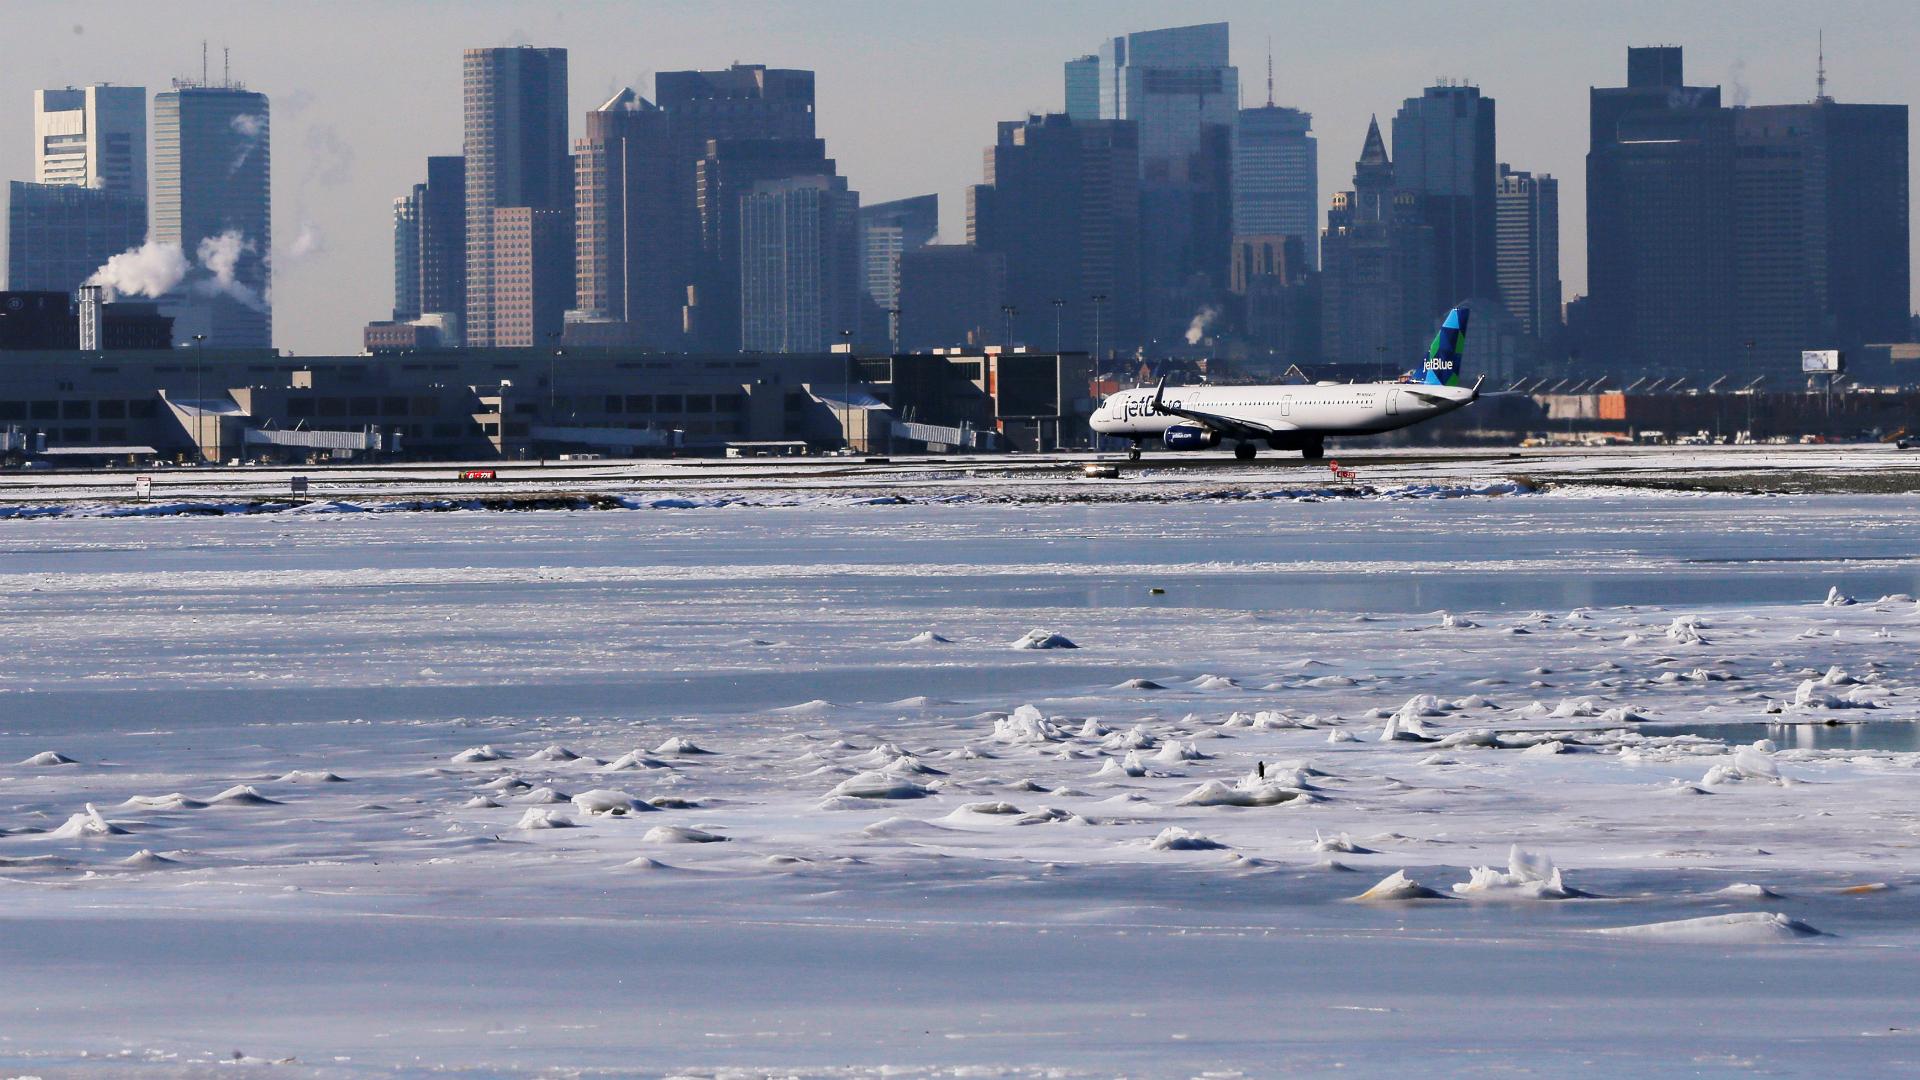 La espesa capa de nieve sobre la pista del aeropuerto impidió los vuelos desde y hacía el aeropuerto Internacional Logan en Boston. (Reuters)